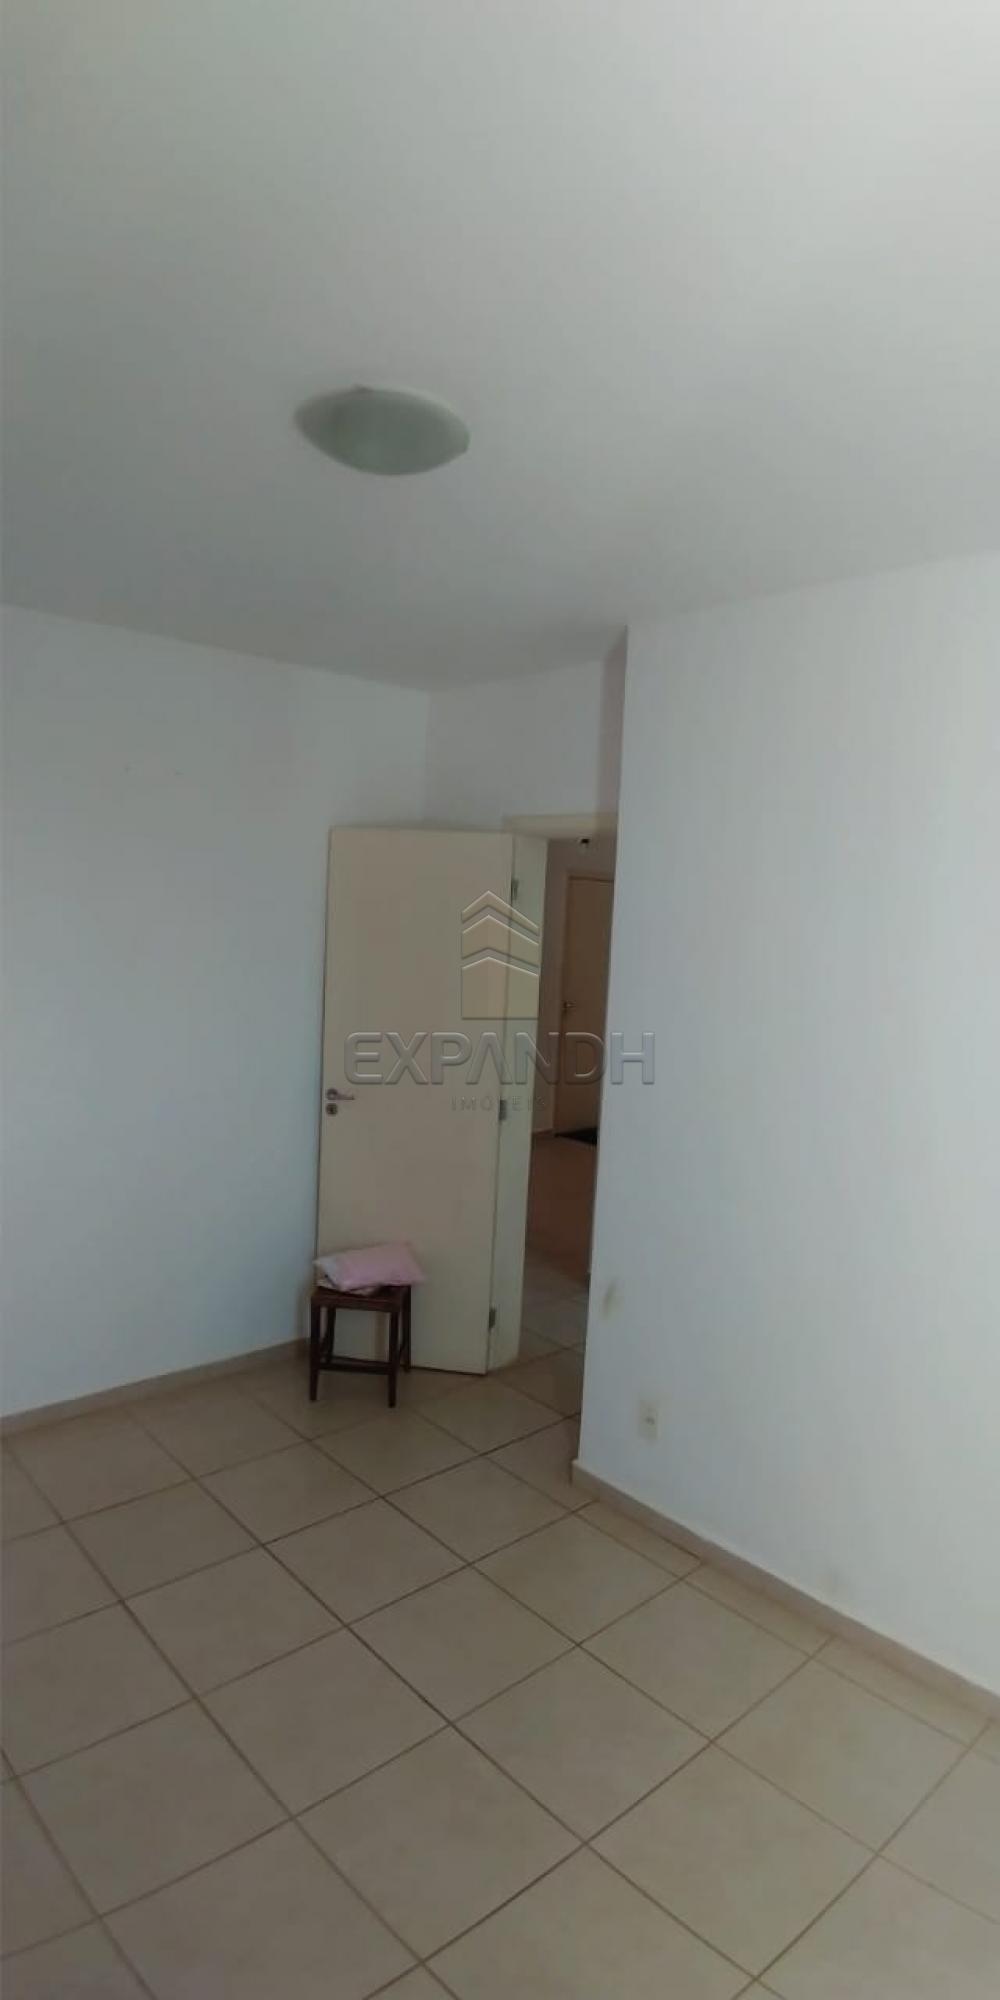 Comprar Apartamentos / Padrão em Sertãozinho R$ 148.000,00 - Foto 11